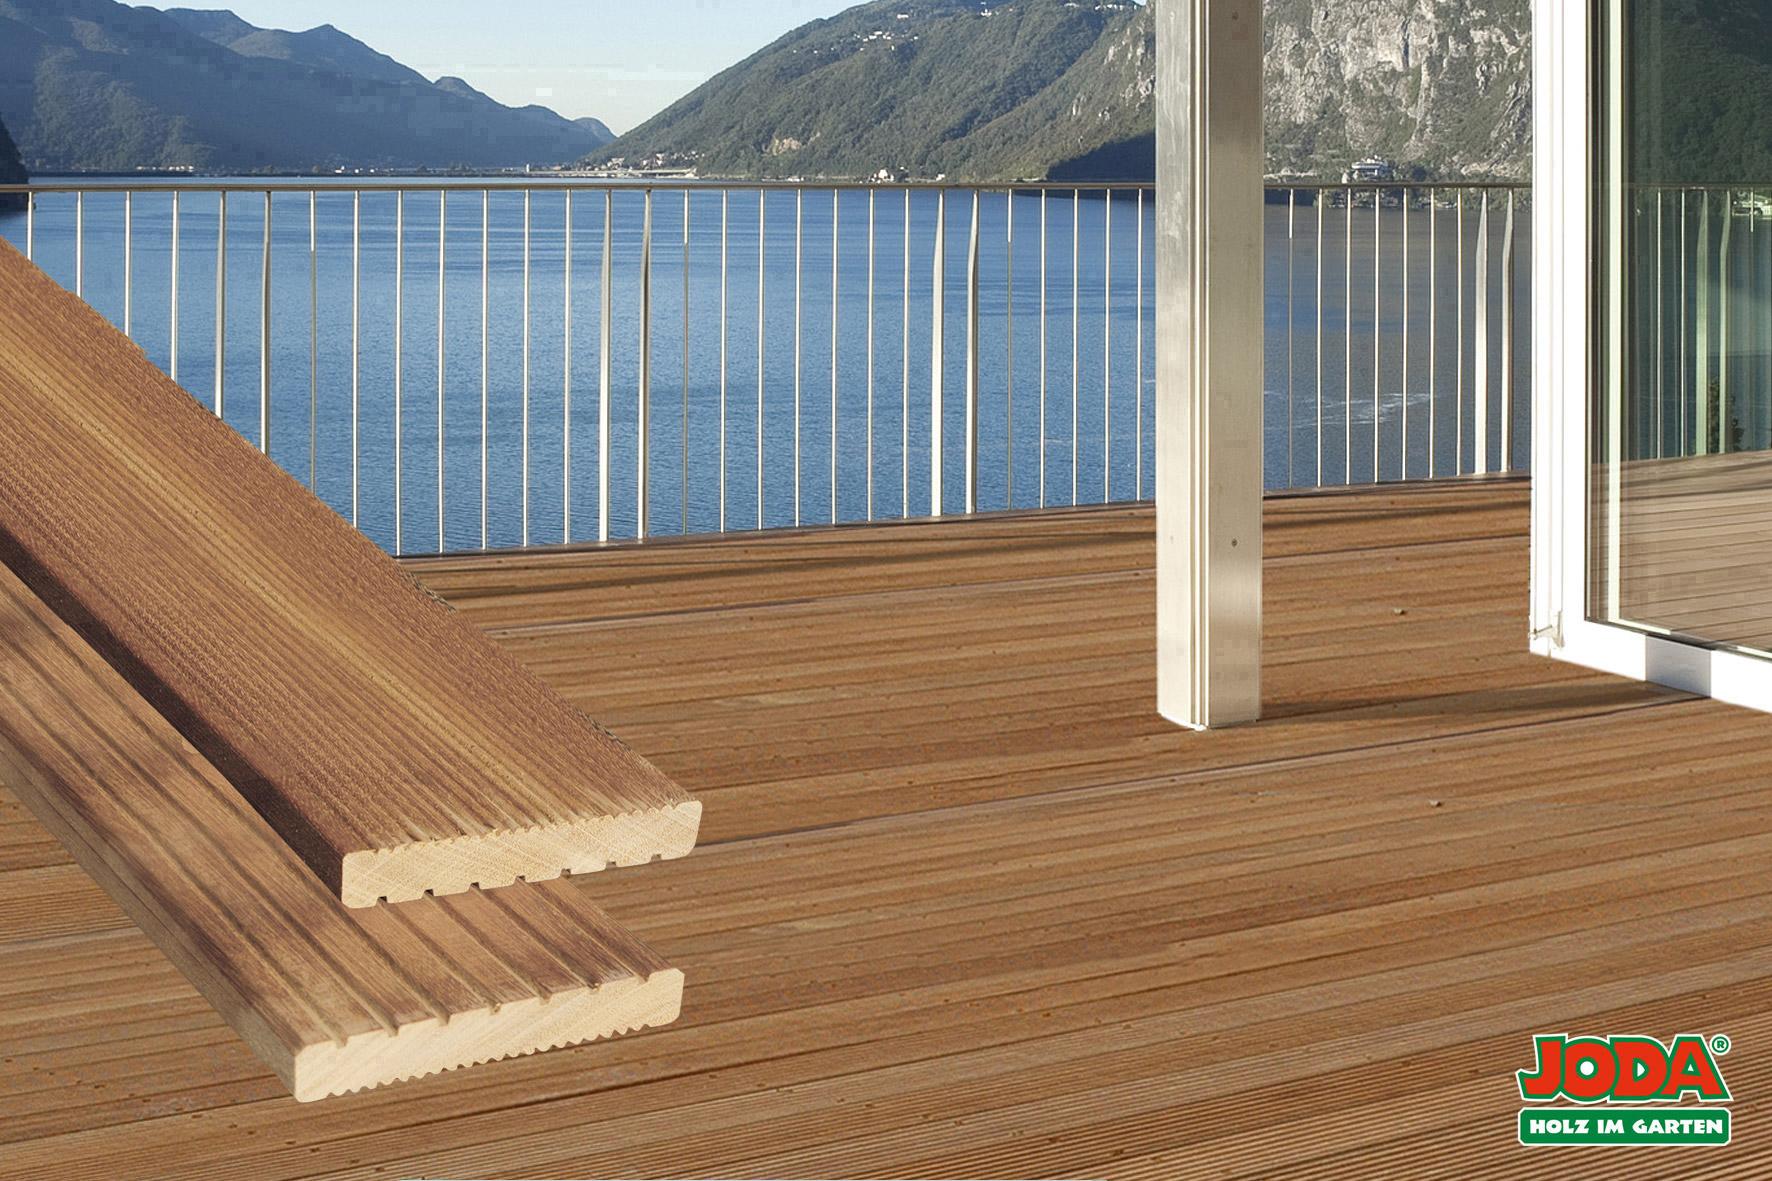 Komplett Terrasse Bangkirai Fläche 20,20 x 20,20 m Dielenmaß 20 x 20 mm